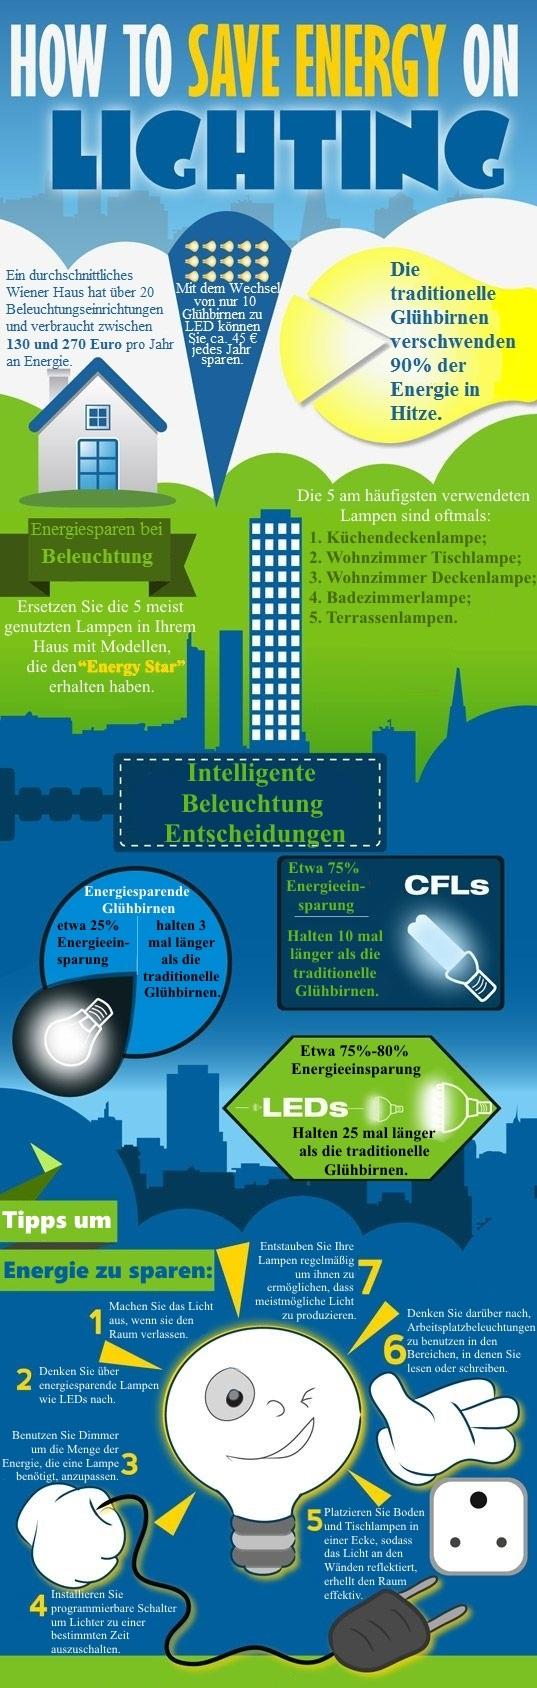 wie-man-energie-bei-beleuchtung-sparen-kann